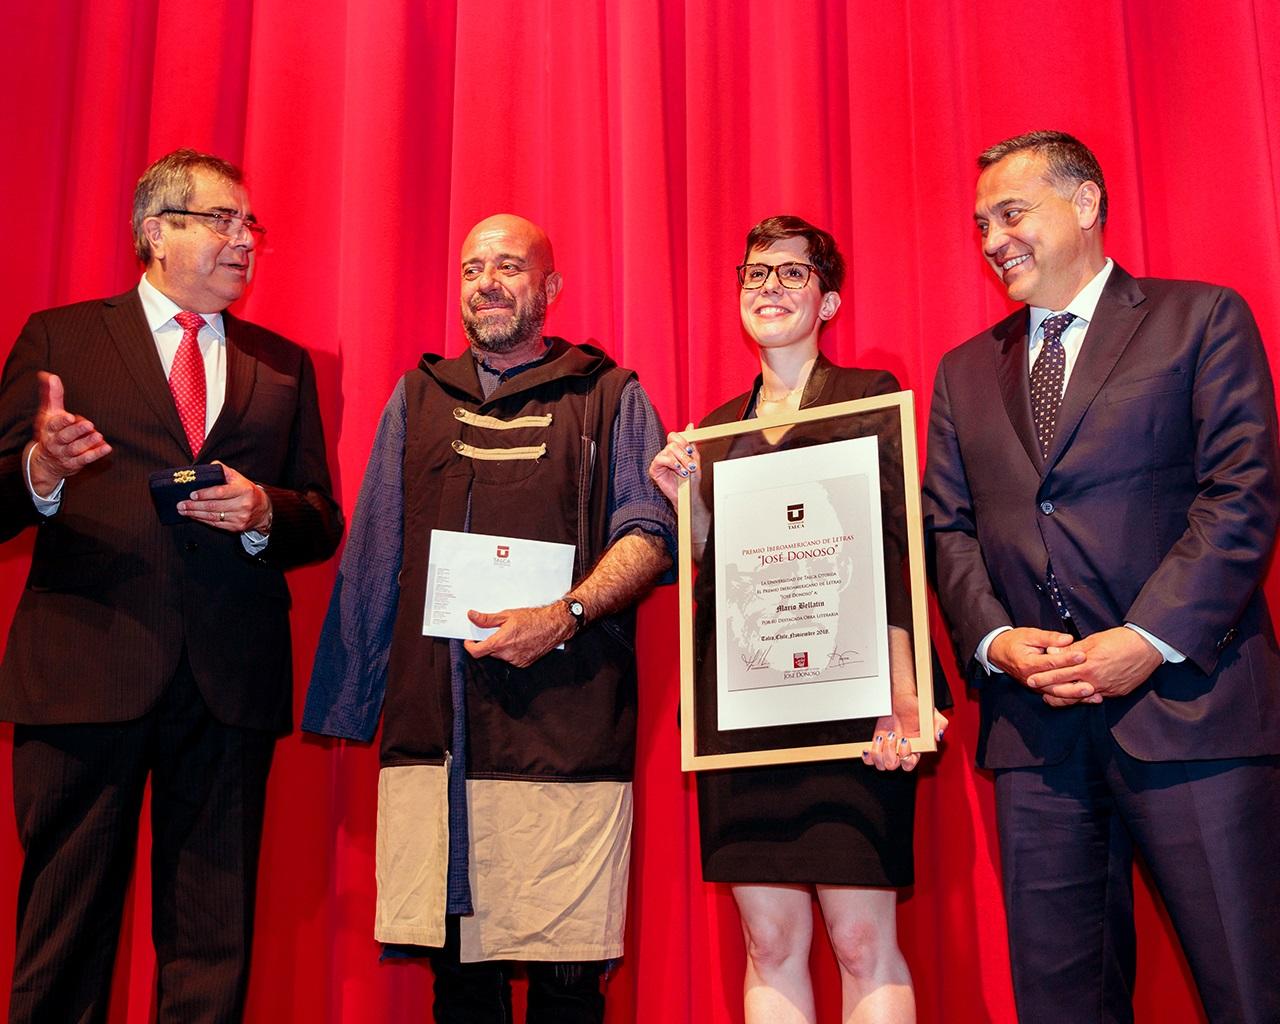 UTALCA abre postulaciones al Premio Iberoamericano de Letras José Donoso 2019